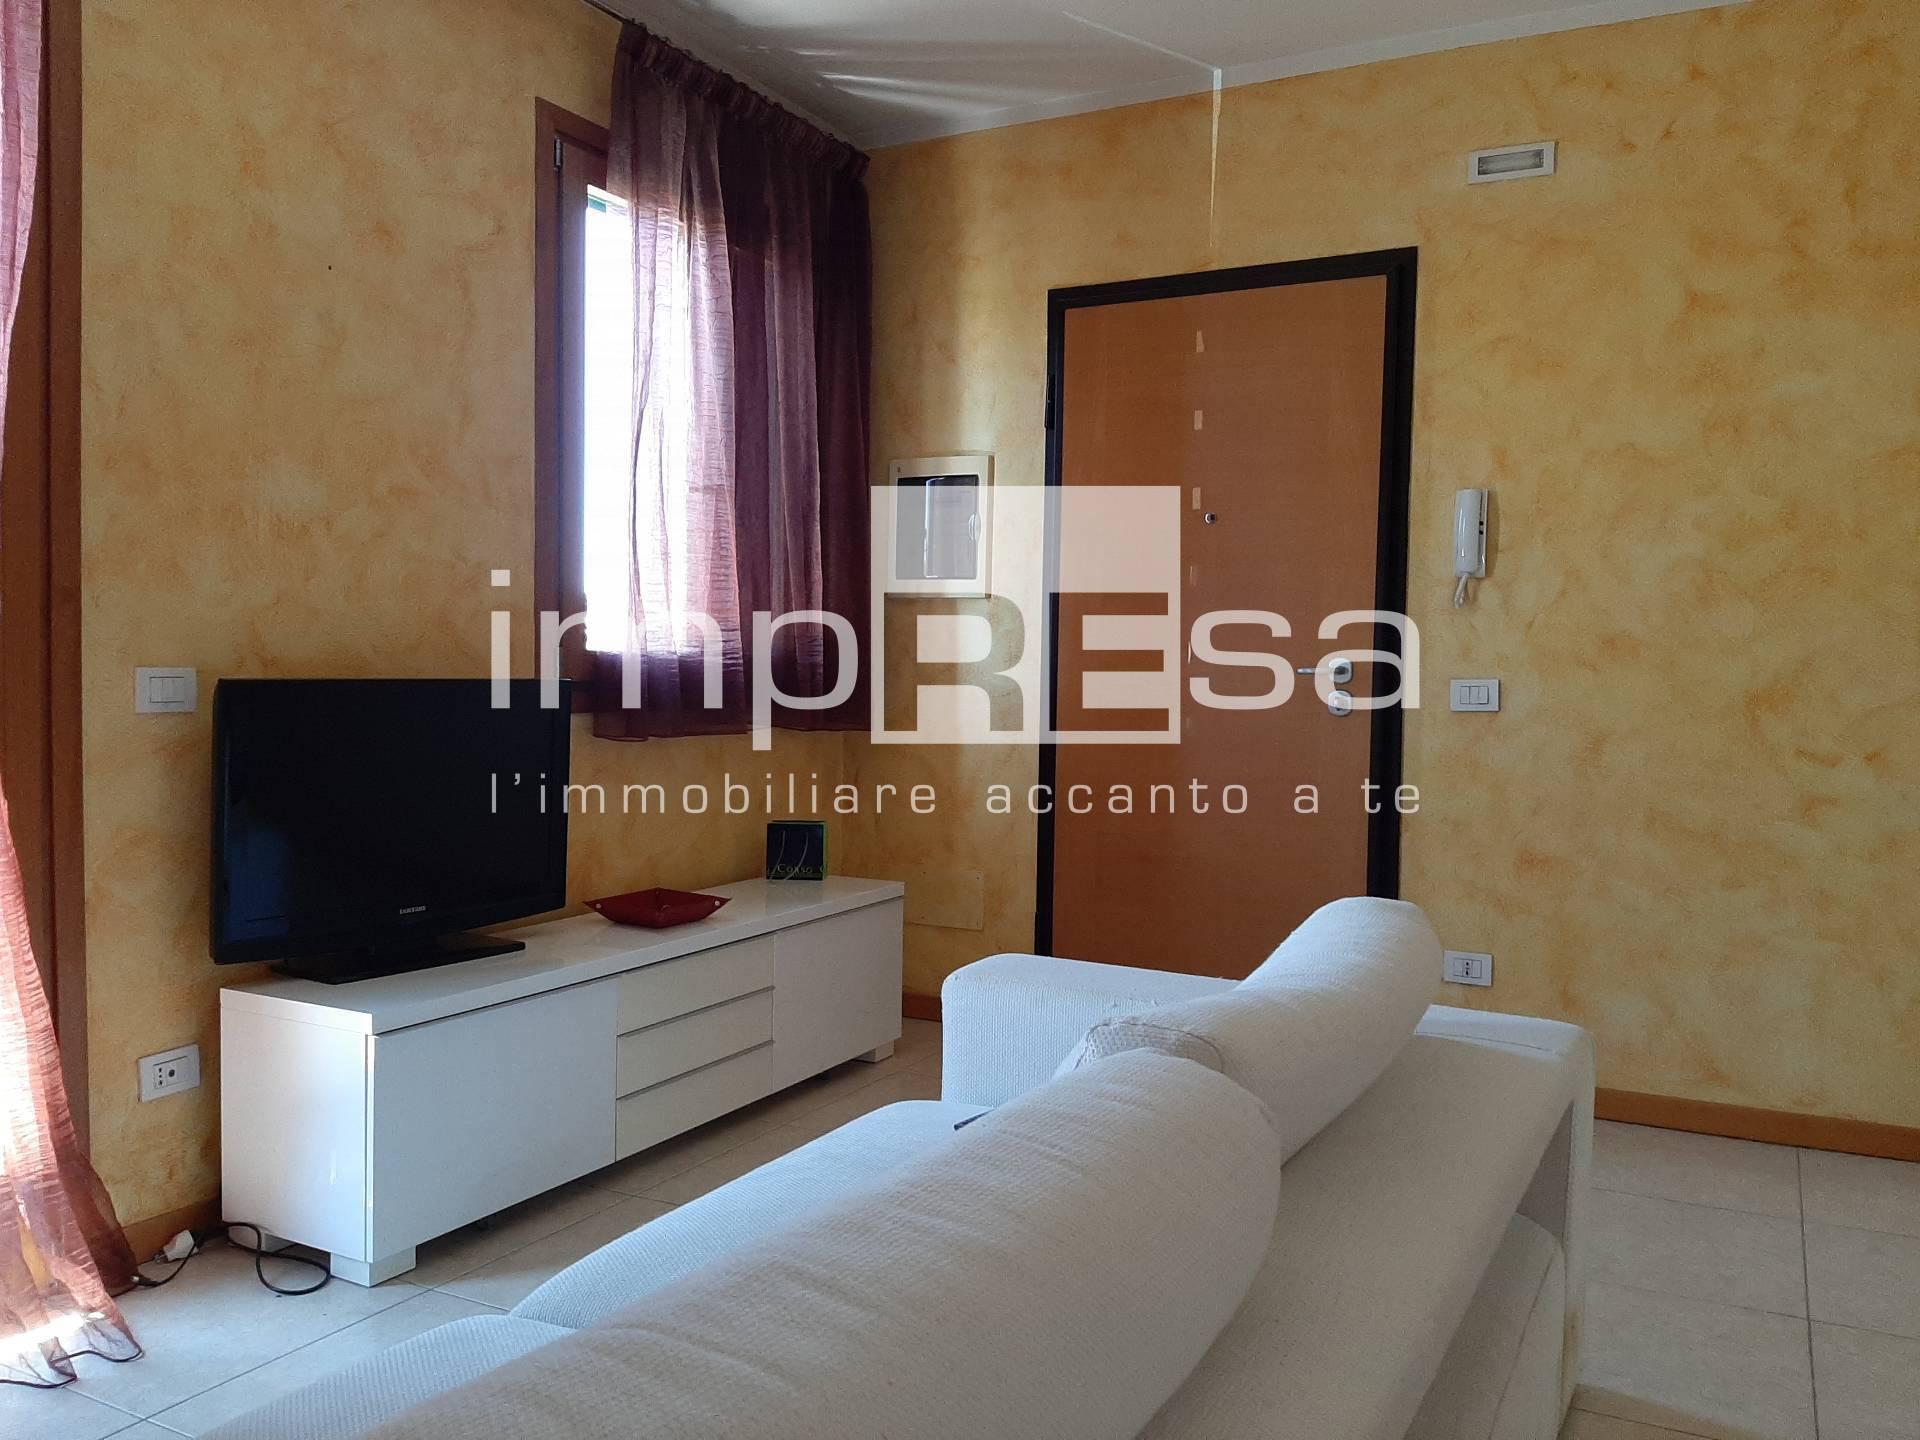 Appartamento in vendita a Quinto di Treviso, 3 locali, zona Località: S.aCristina, prezzo € 148.000 | CambioCasa.it